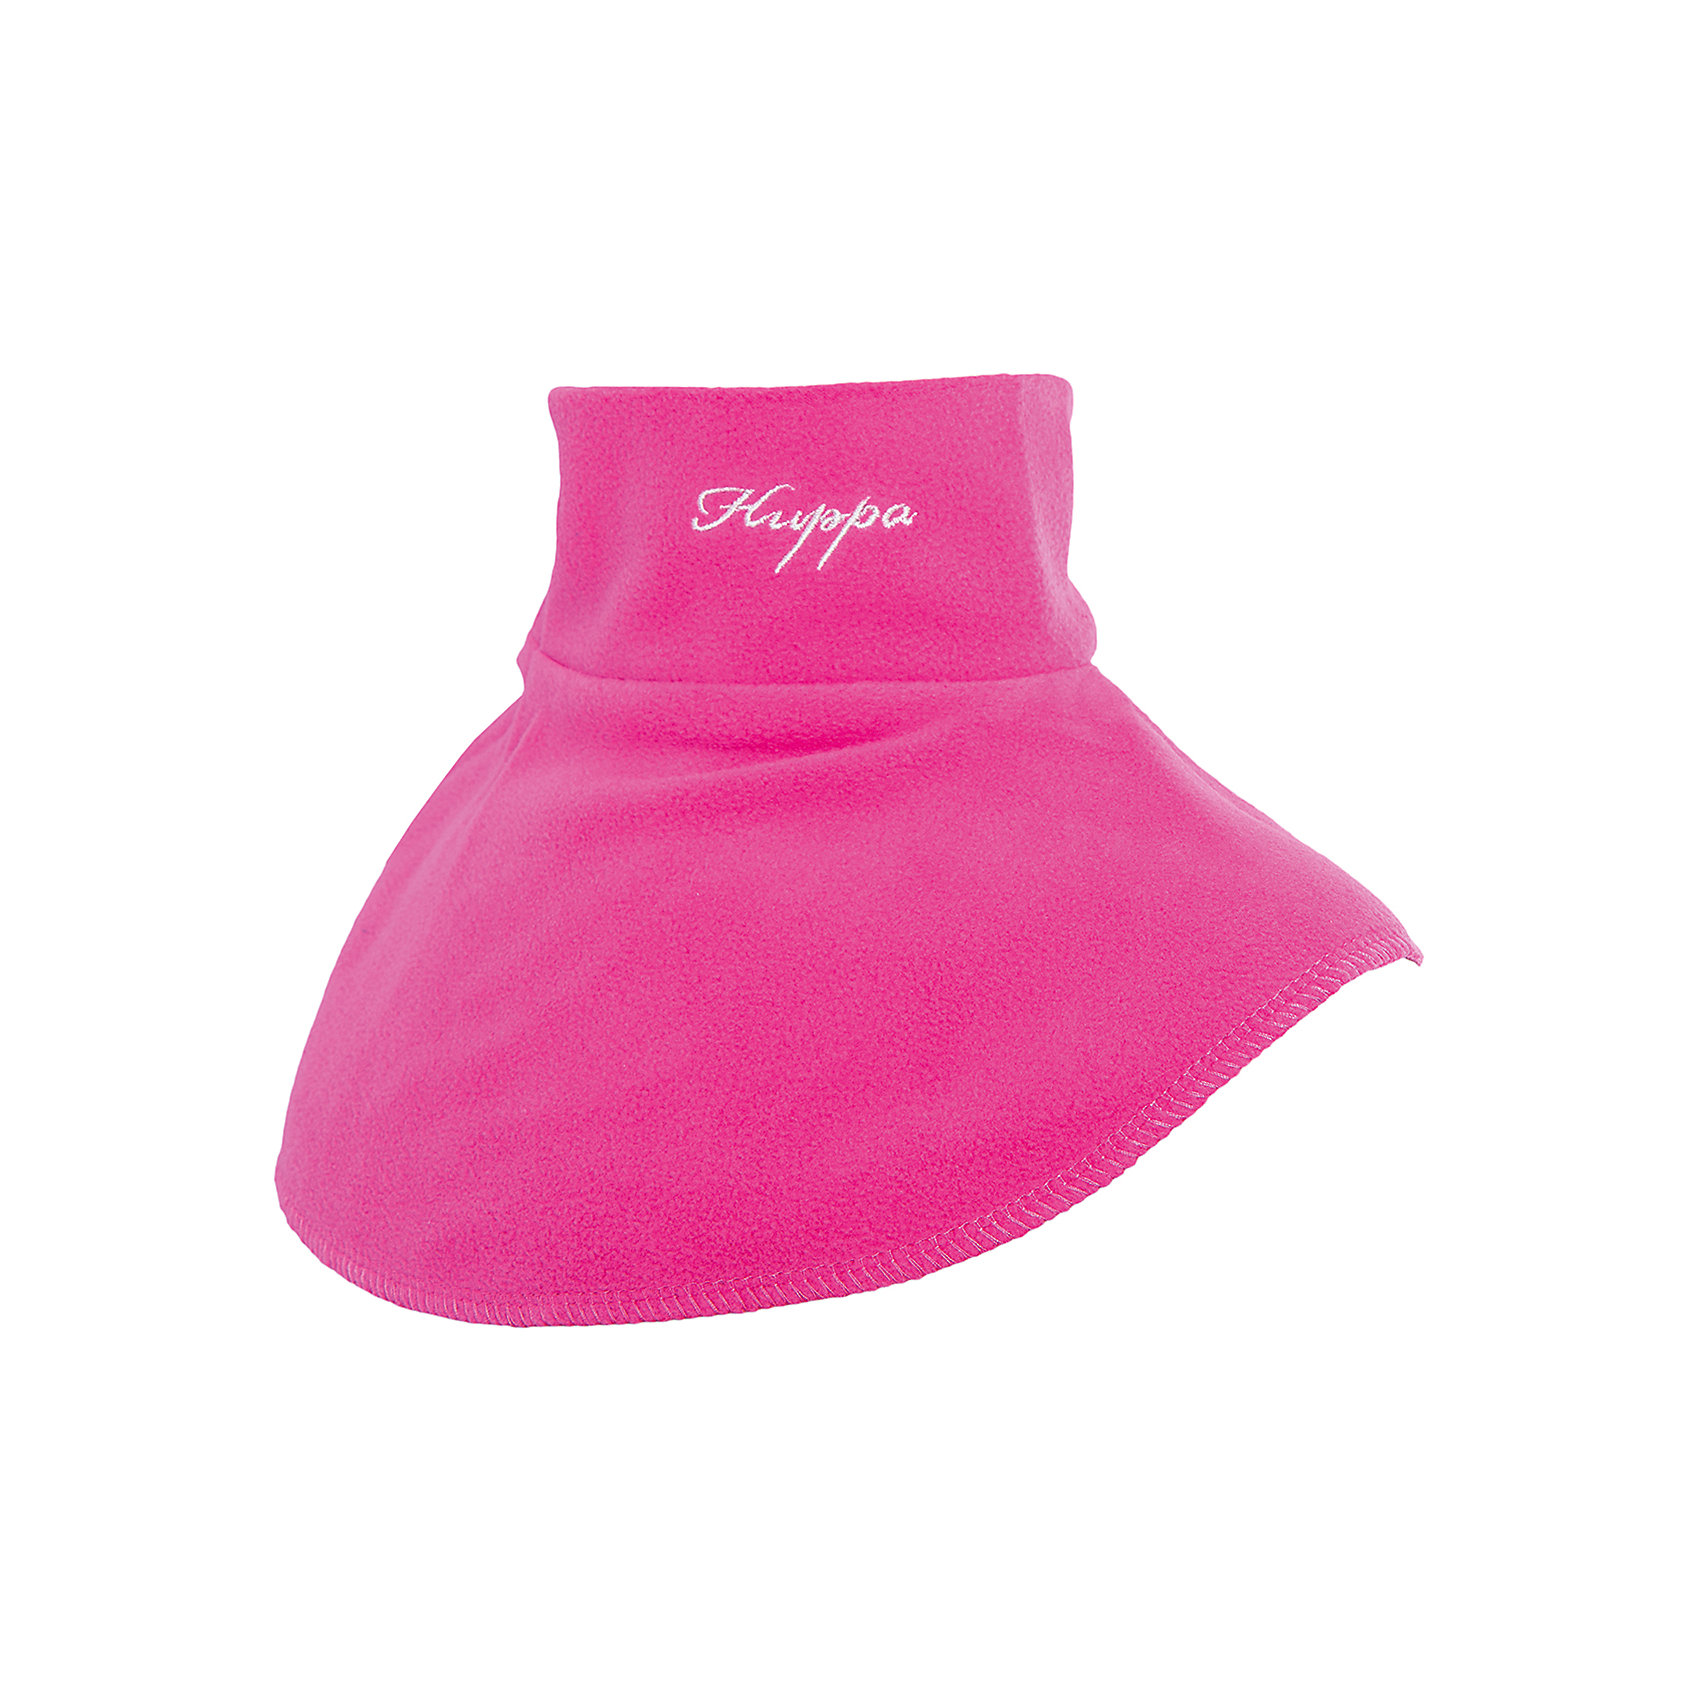 Манишка Jimmy HuppaФлис и термобелье<br>Характеристики товара:<br><br>• цвет: фуксия<br>• состав: 100% полиэстер (флис)<br>• застёгивается сзади при помощи липучки<br>• защищает шею от ветра и холода<br>• яркий цвет<br>• мягкий материал<br>• декорирована вышивкой<br>• комфортная посадка<br>• страна бренда: Эстония<br><br>Эта яркая манишка обеспечит детям тепло и комфорт в прохладную погоду. Она сделана из приятного на ощупь материала с мягким ворсом, поэтому изделие не колется и не натирает. Манишка очень симпатично смотрится, благодаря яркой расцветке вещь отлично подходит к различной верхней одежде. Модель была разработана специально для детей.<br><br>Одежда и обувь от популярного эстонского бренда Huppa - отличный вариант одеть ребенка можно и комфортно. Вещи, выпускаемые компанией, качественные, продуманные и очень удобные. Для производства изделий используются только безопасные для детей материалы. Продукция от Huppa порадует и детей, и их родителей!<br><br>Манишку Jimmy флисовую от бренда Huppa (Хуппа) можно купить в нашем интернет-магазине.<br><br>Ширина мм: 88<br>Глубина мм: 155<br>Высота мм: 26<br>Вес г: 106<br>Цвет: розовый<br>Возраст от месяцев: 0<br>Возраст до месяцев: 6<br>Пол: Унисекс<br>Возраст: Детский<br>Размер: one size<br>SKU: 4923930